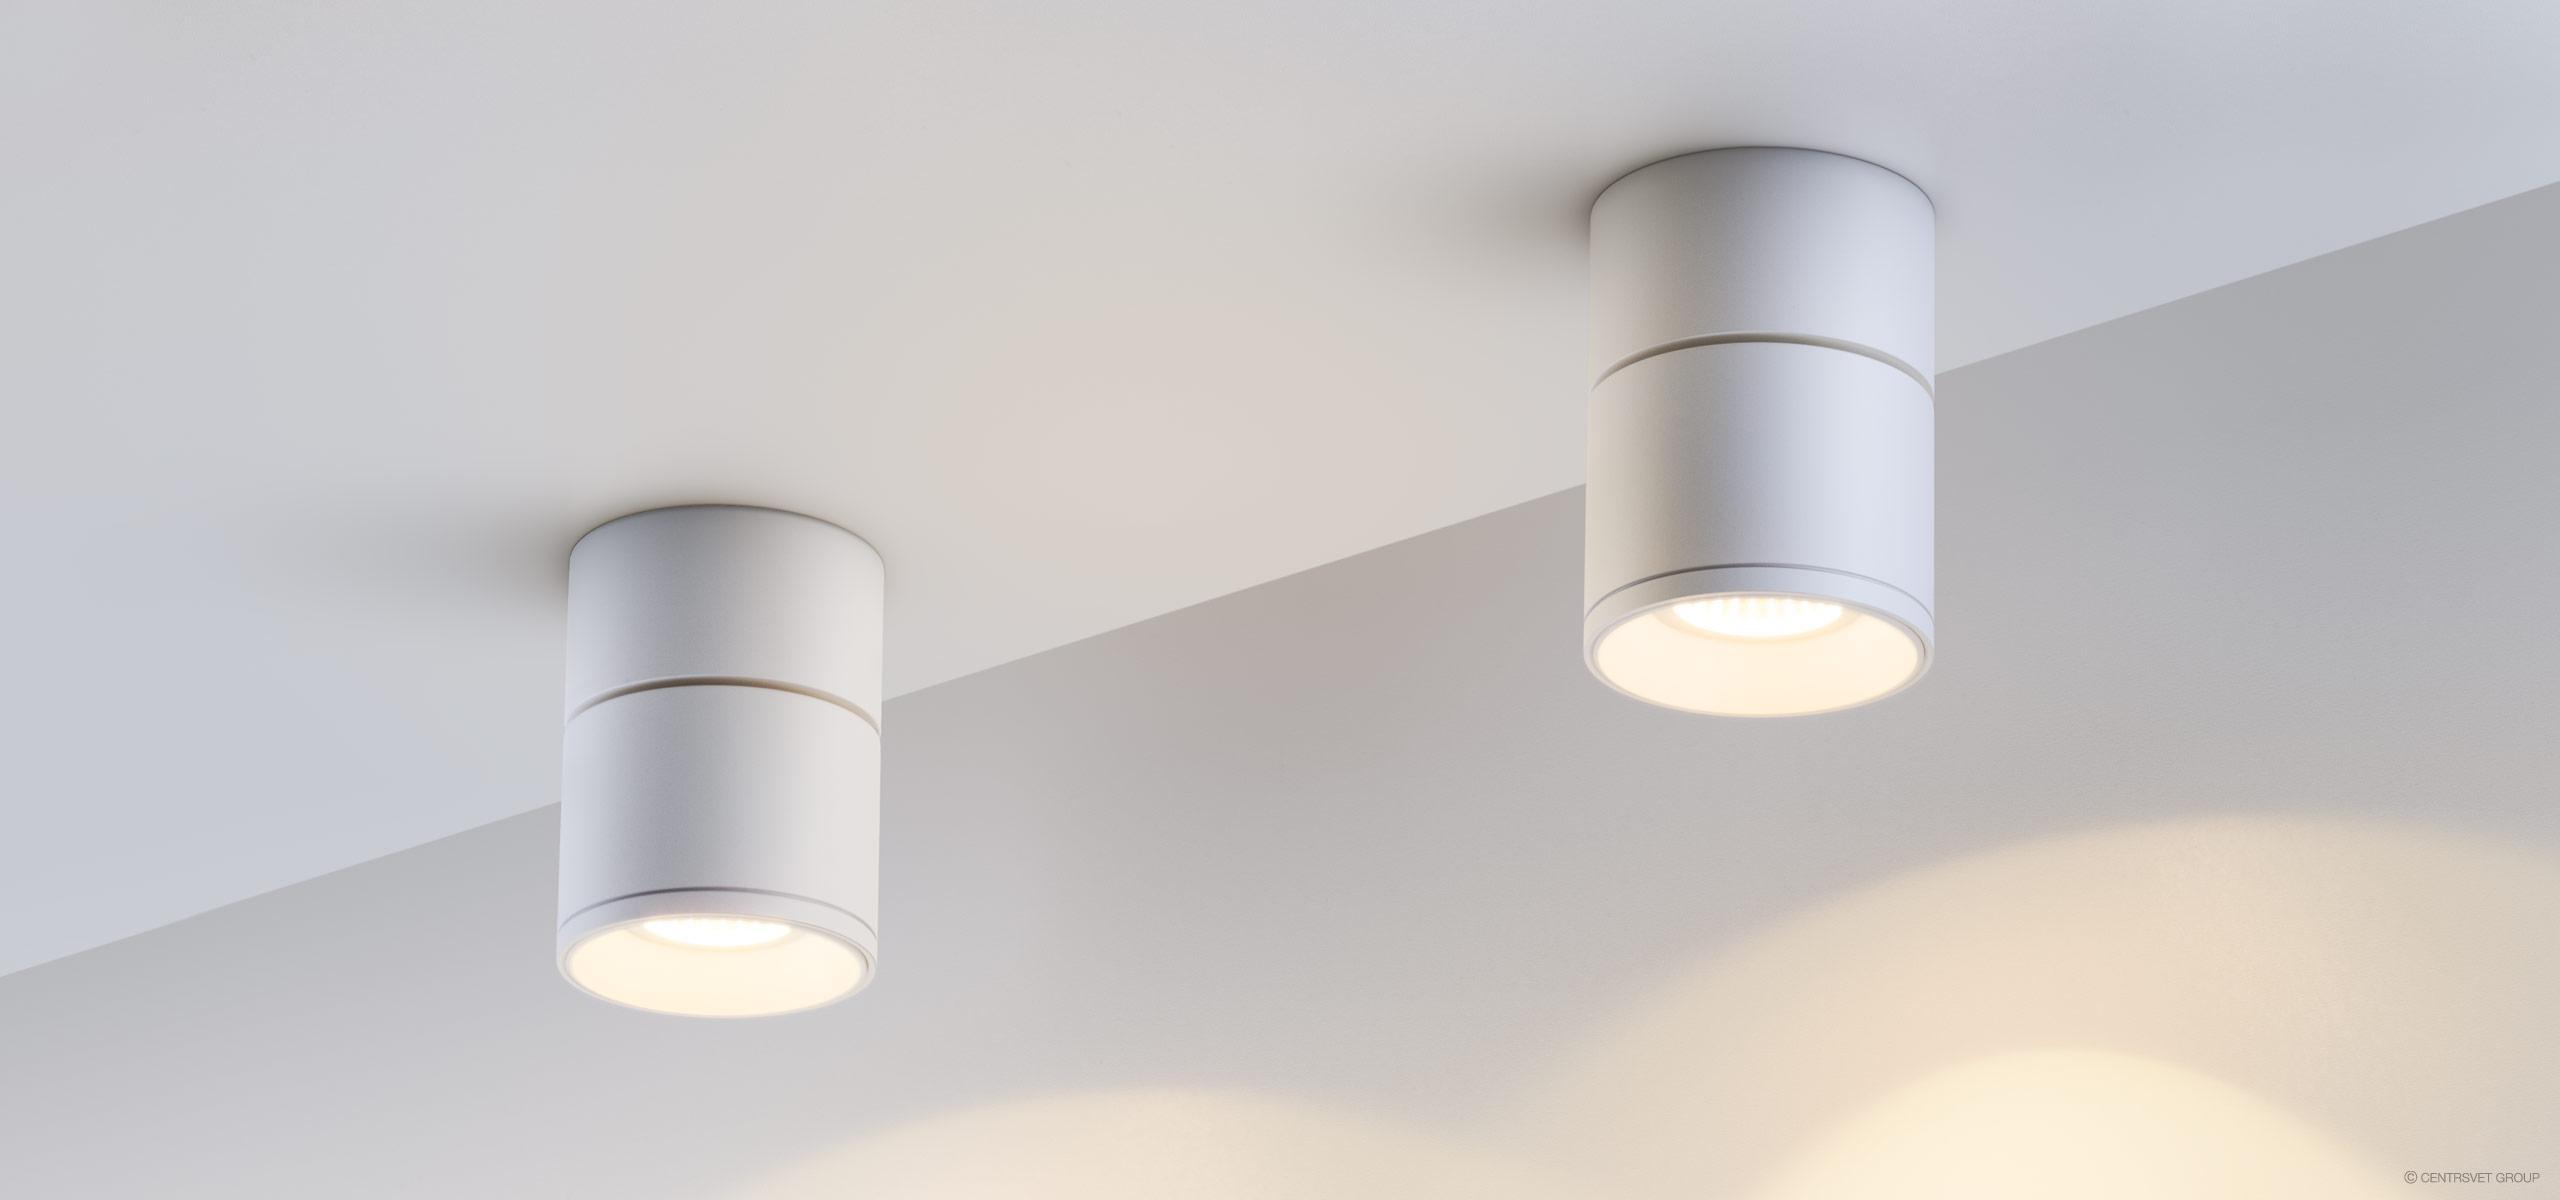 Обзор современных потолочных светильников